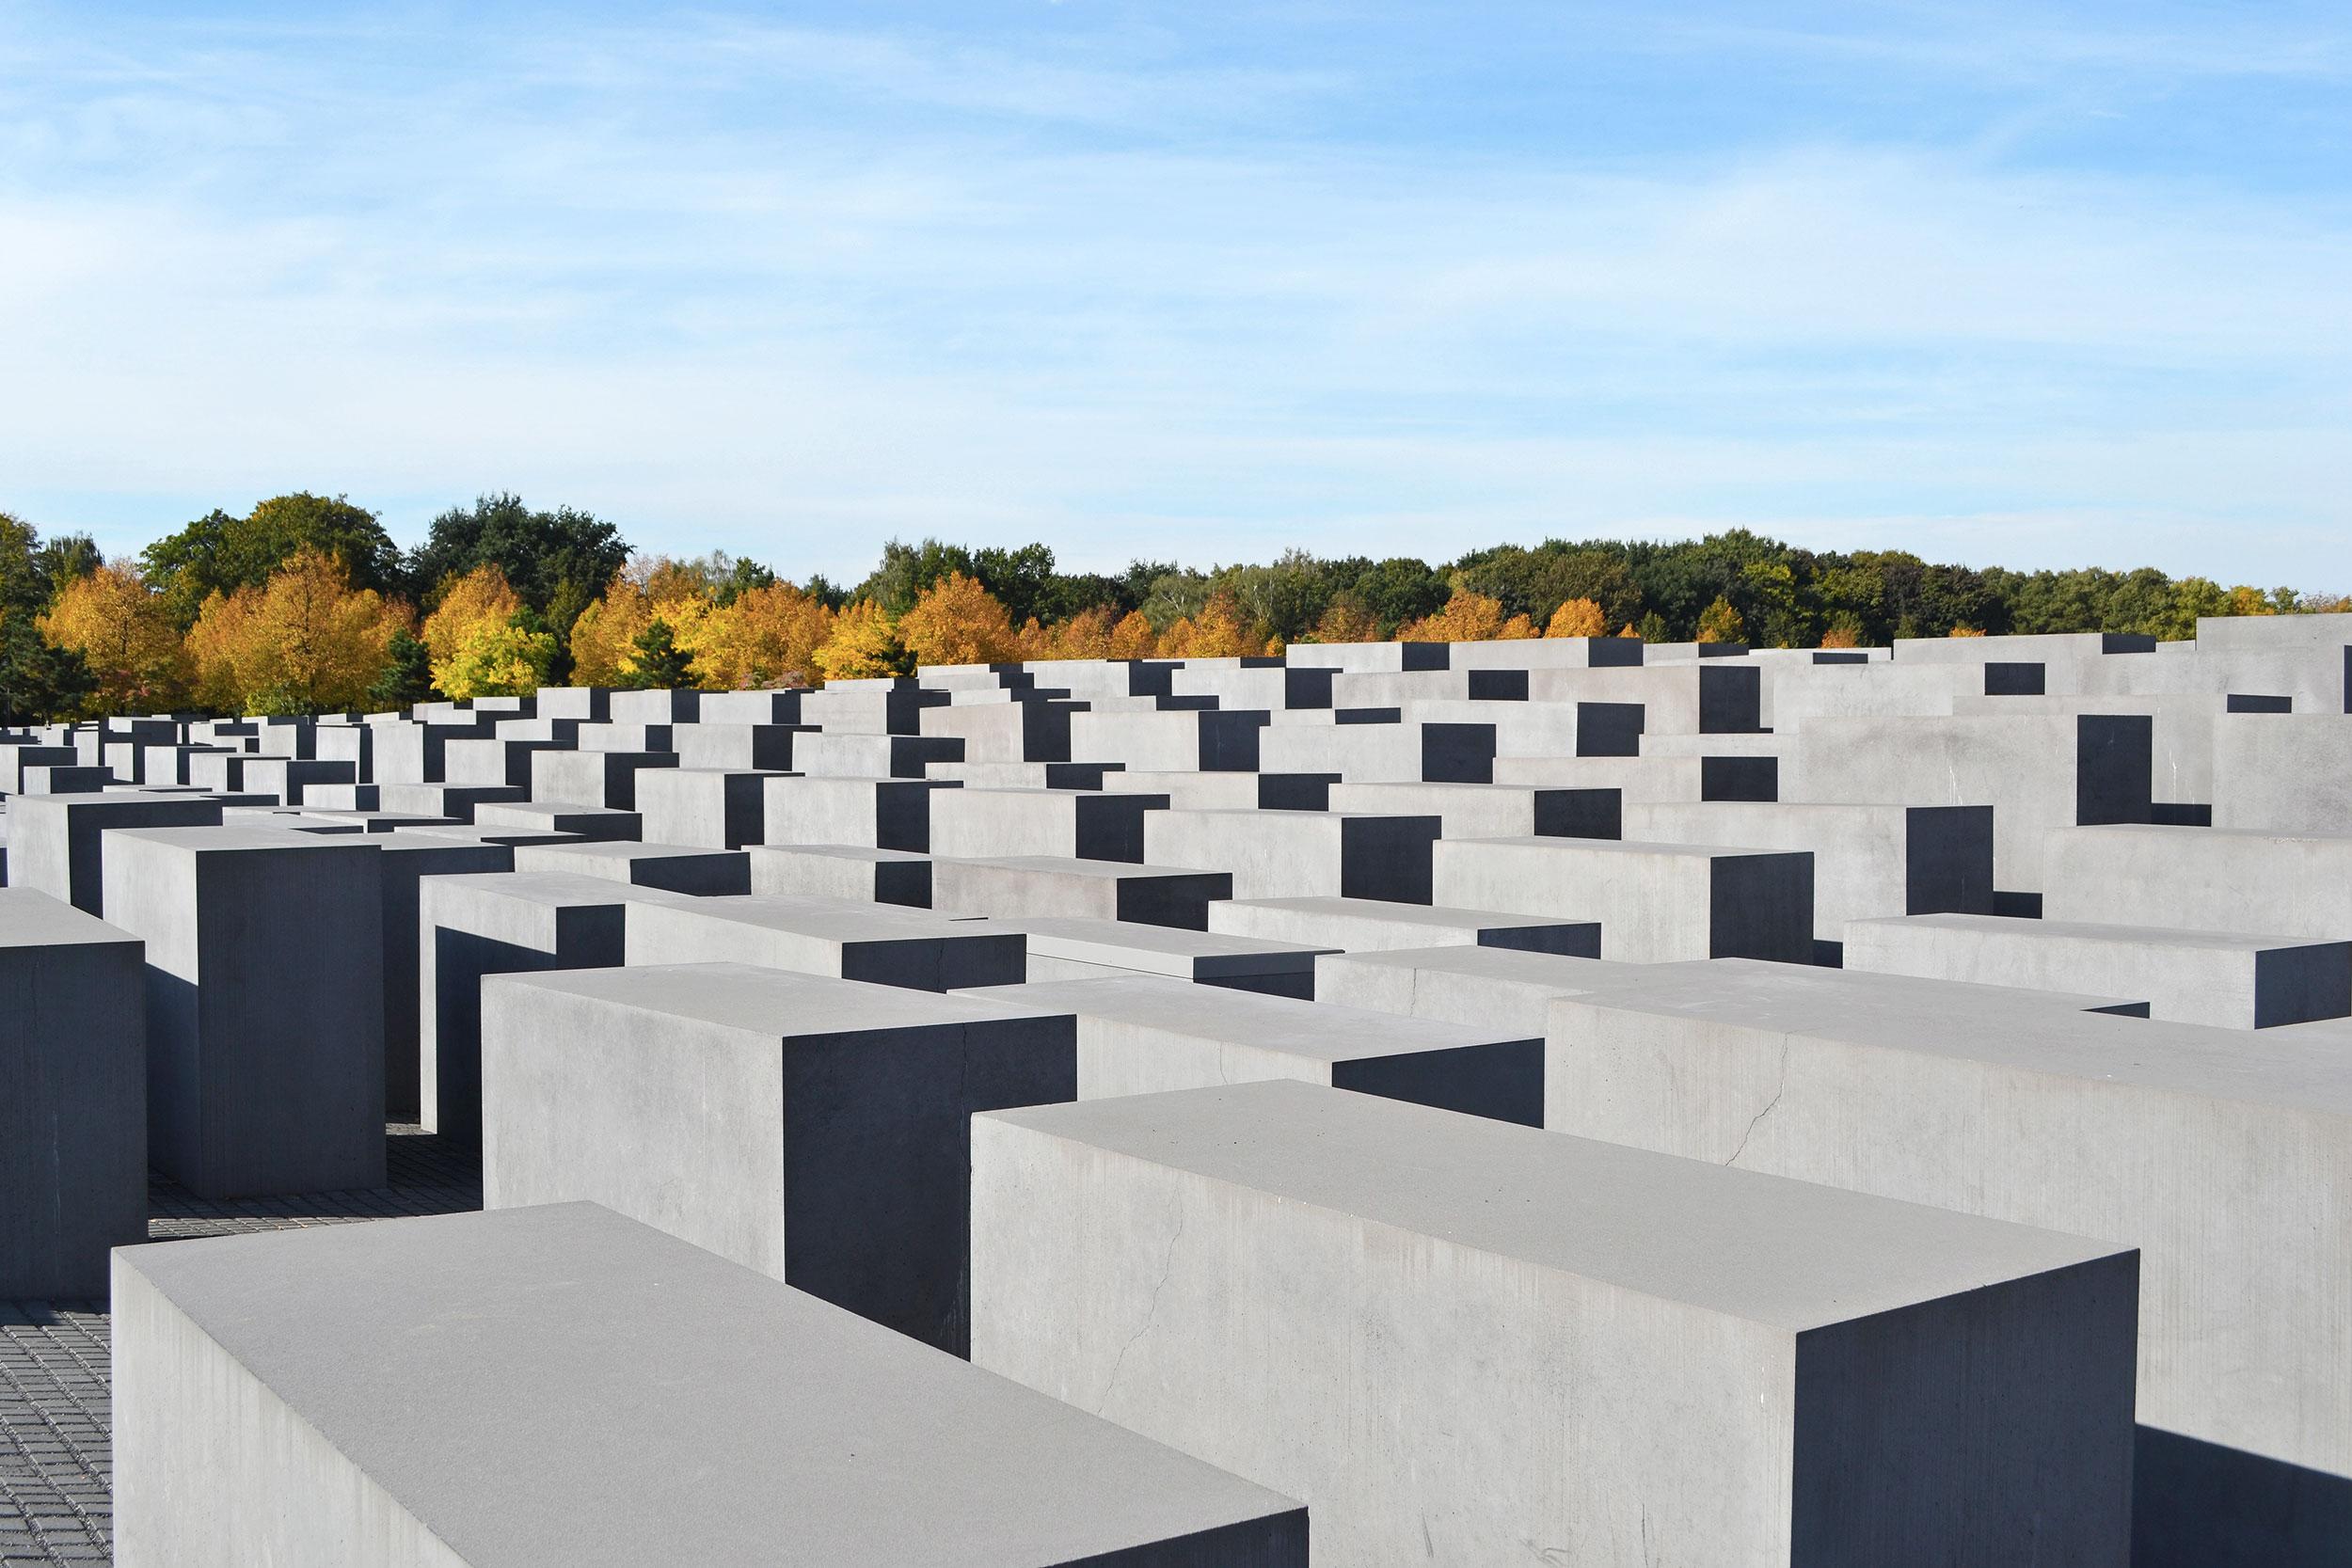 HolocaustMemorial2.jpg